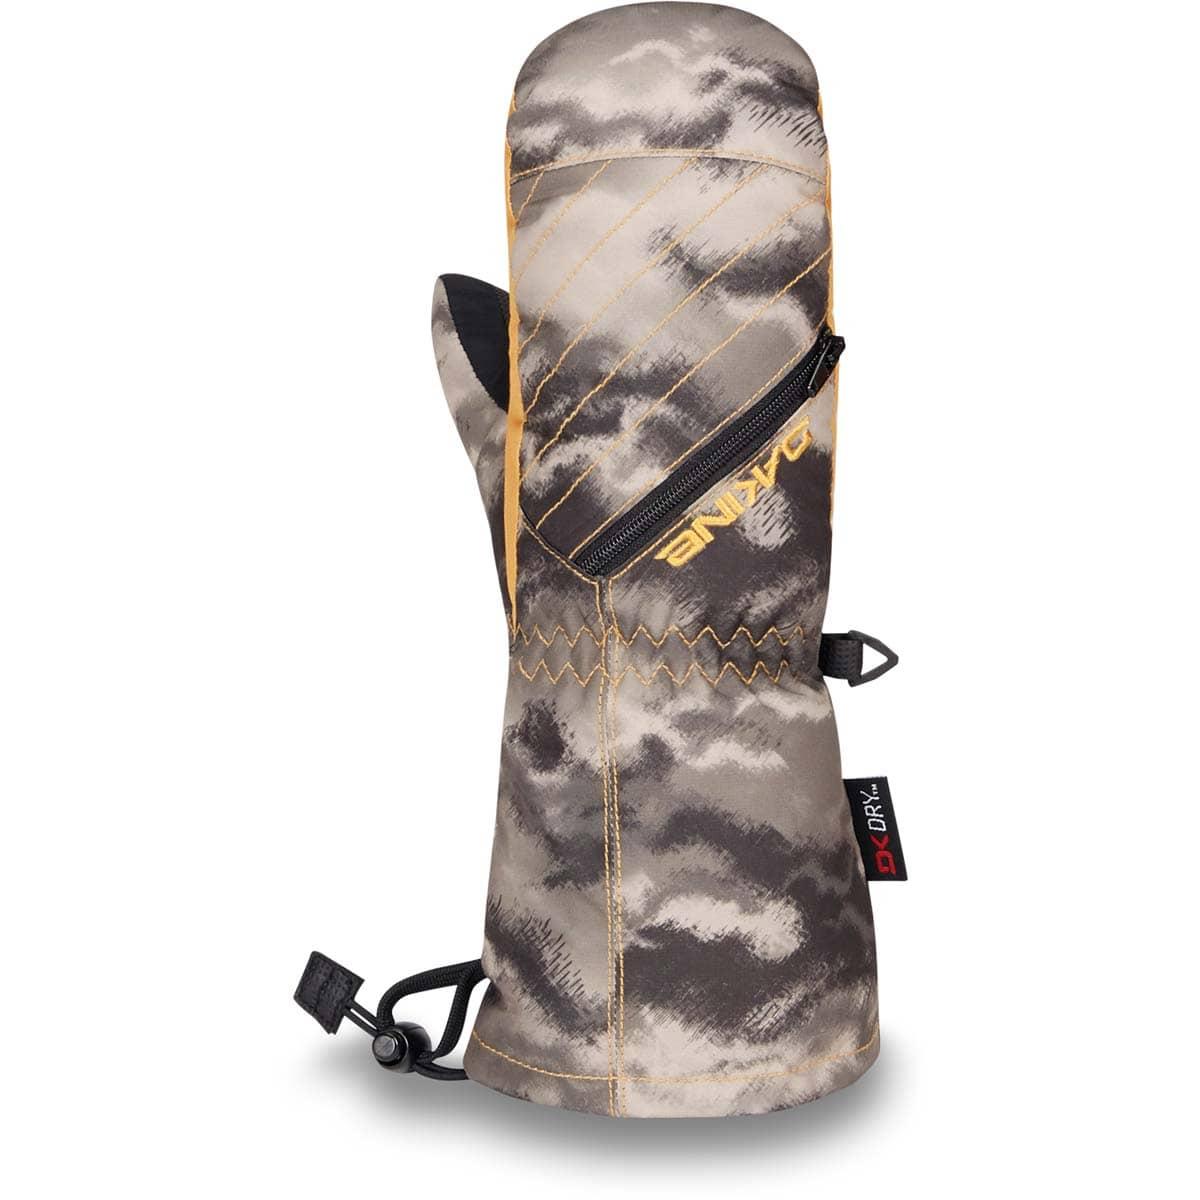 oficjalna strona niesamowita cena 100% autentyczności Dakine Tracker Mitt Ski- / Snowboard Gloves Ashcroft Camo